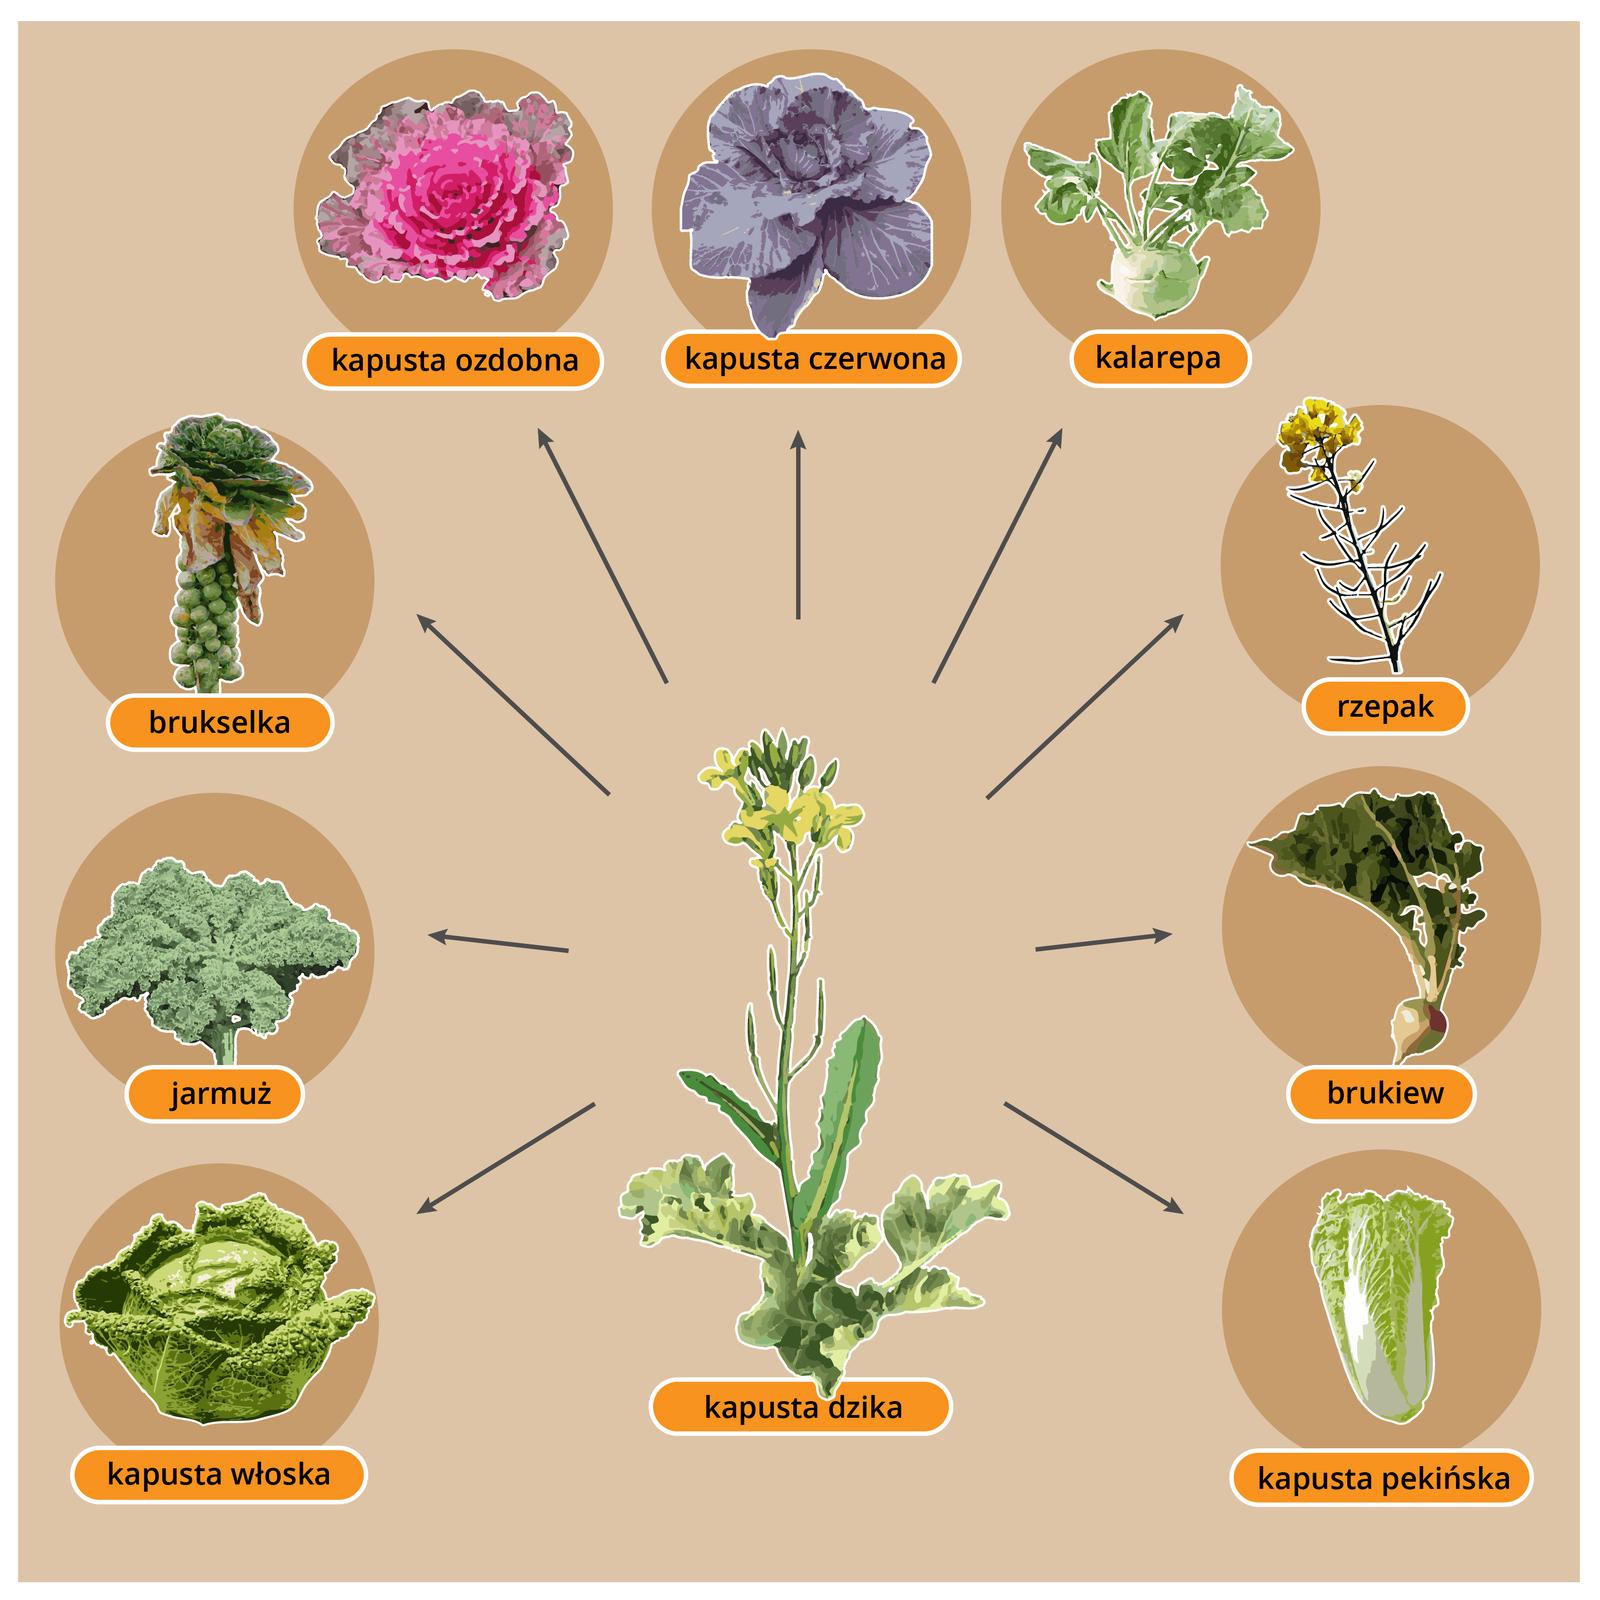 Gragika przedstawia dziką formę kapusty ipochodzące od niej rośliny uprawne, takie jak brukselka, rzepak, kalafior, kapusta pekińska.